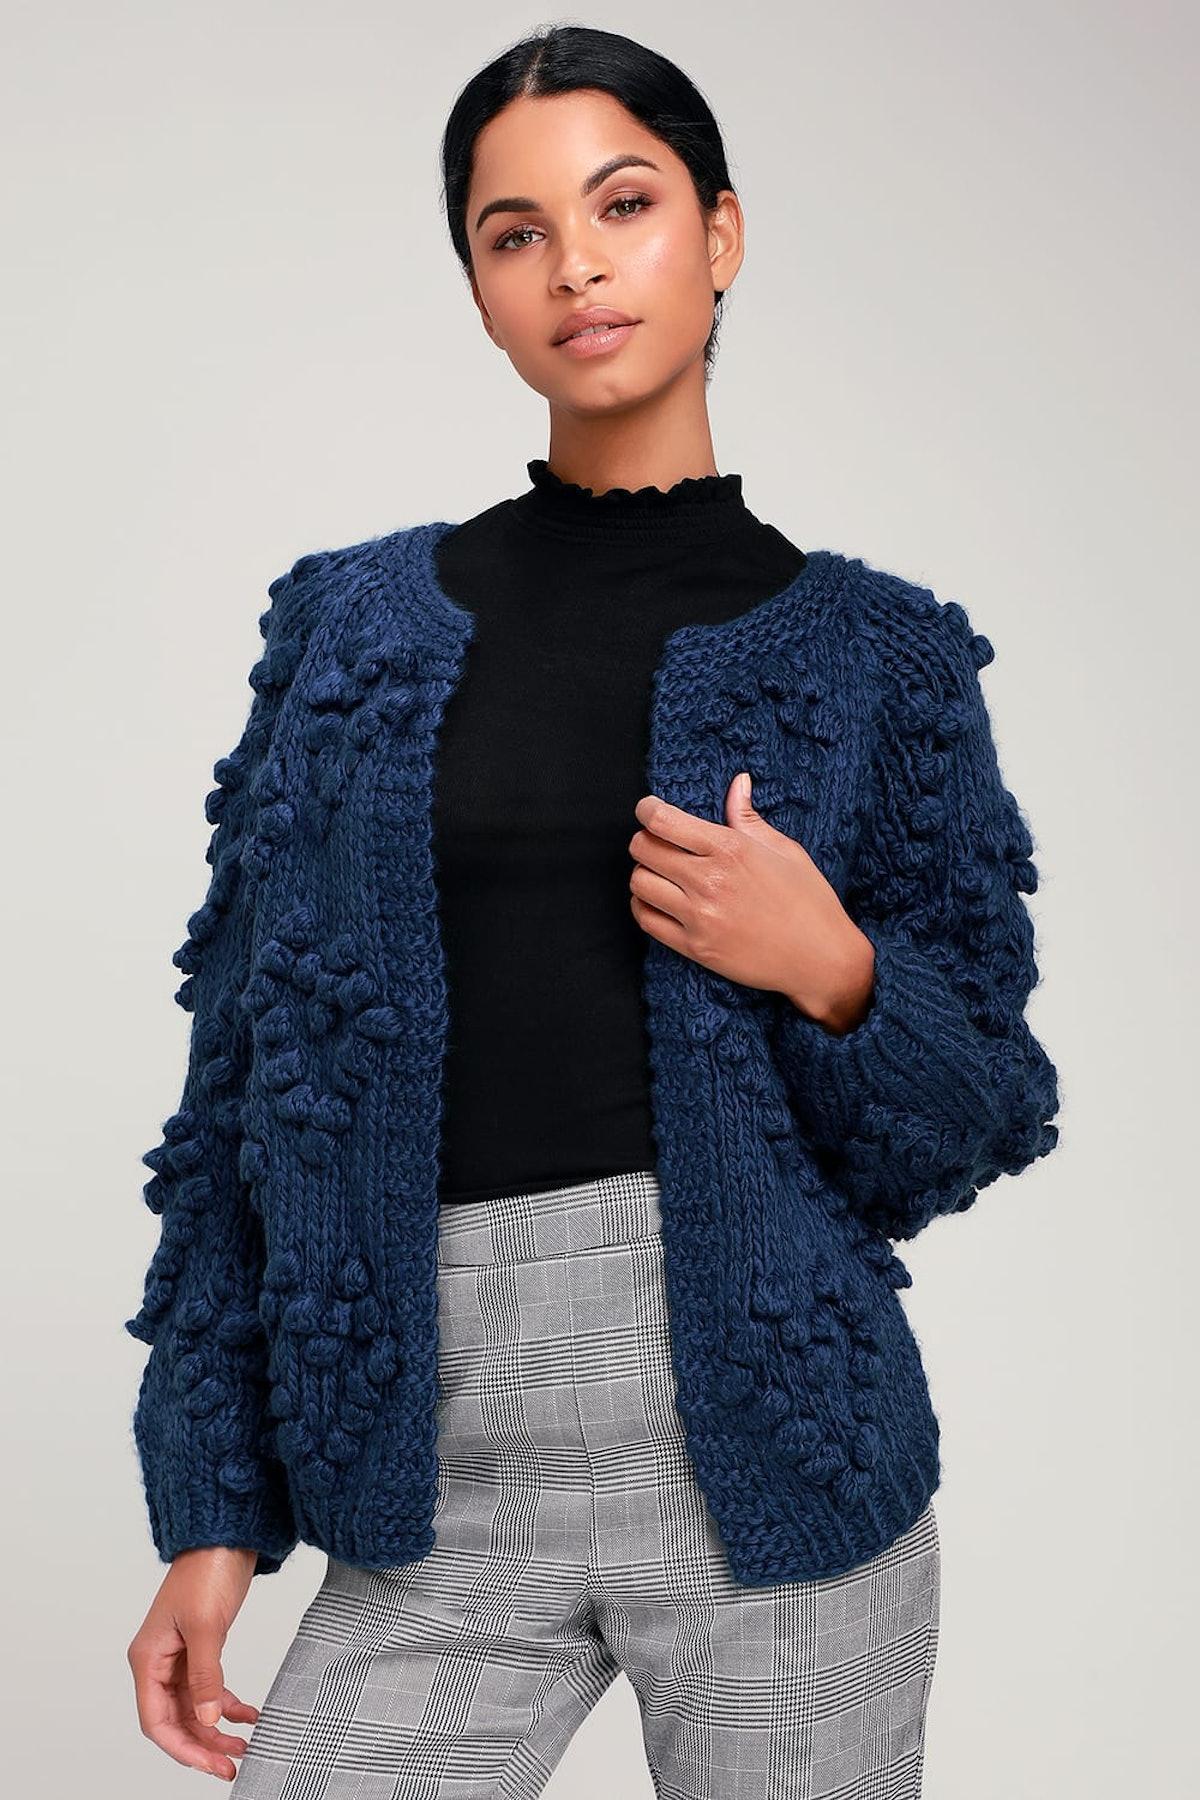 Haille Navy Blue Knit Pom Pom Cardigan Sweater